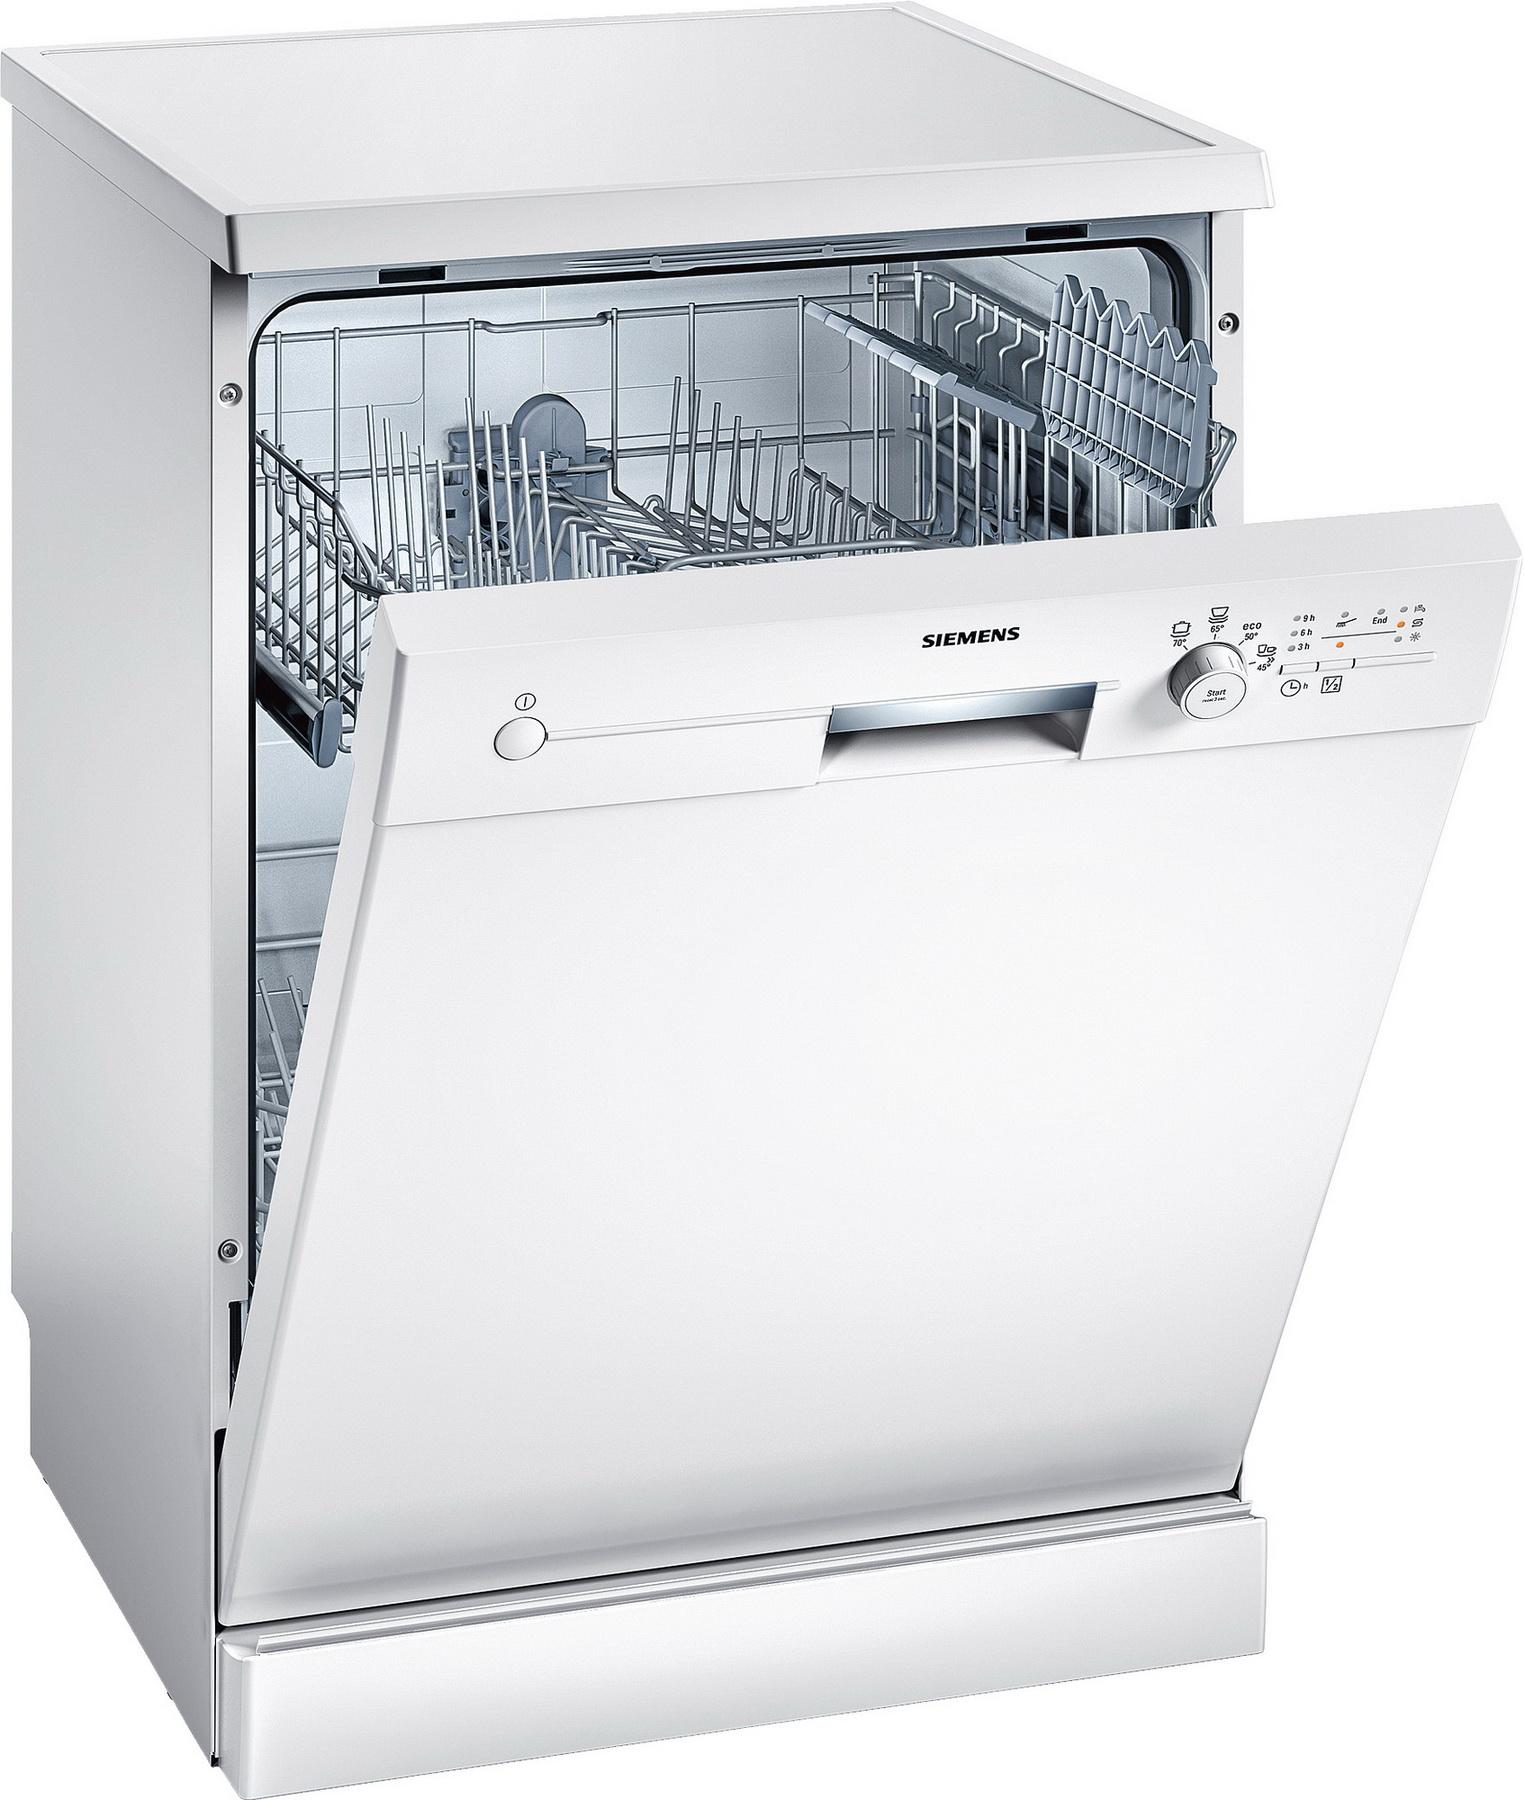 เครื่องล้างจานอัตโนมัติ SIEMENS รุ่น SN24E209EU แถมฟรี เครื่องปั่นน้ำผลไม้ BOSCH รุ่น MMB54G5S